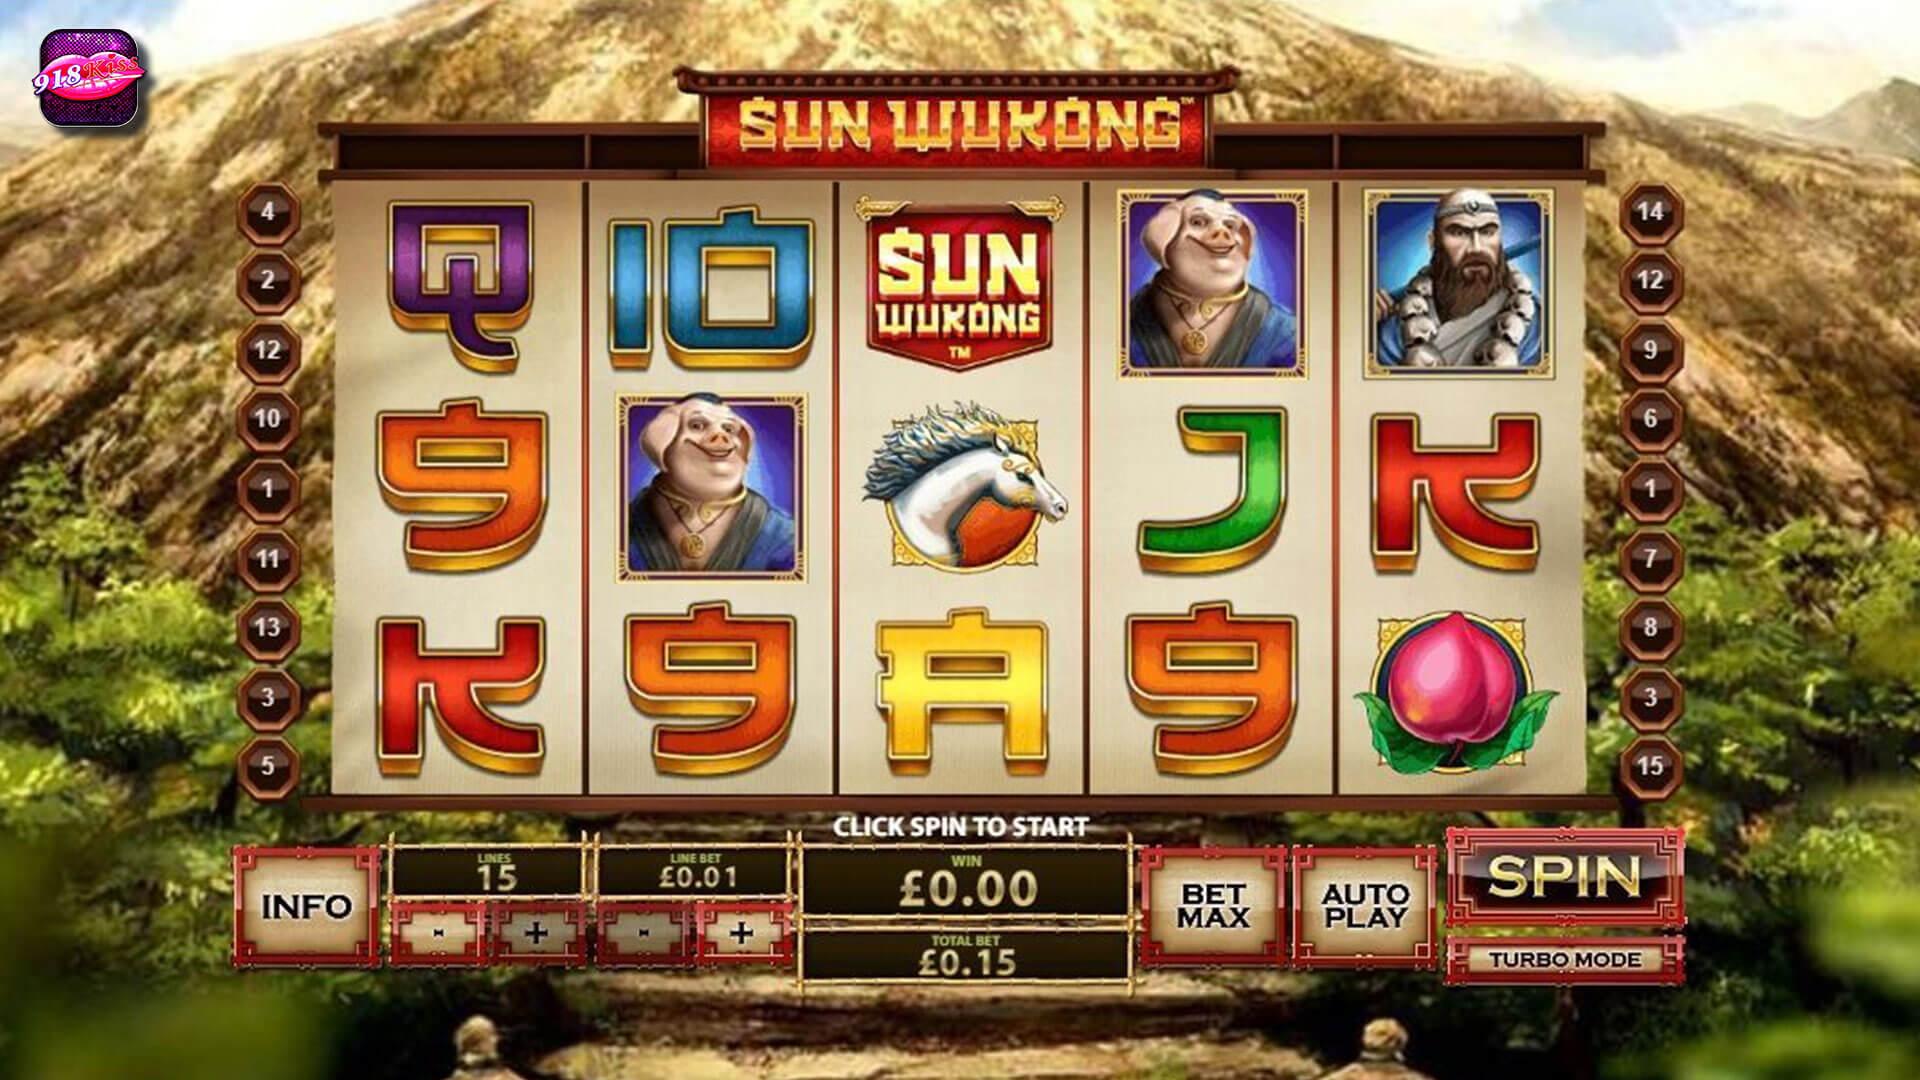 Sun Wukong Slot